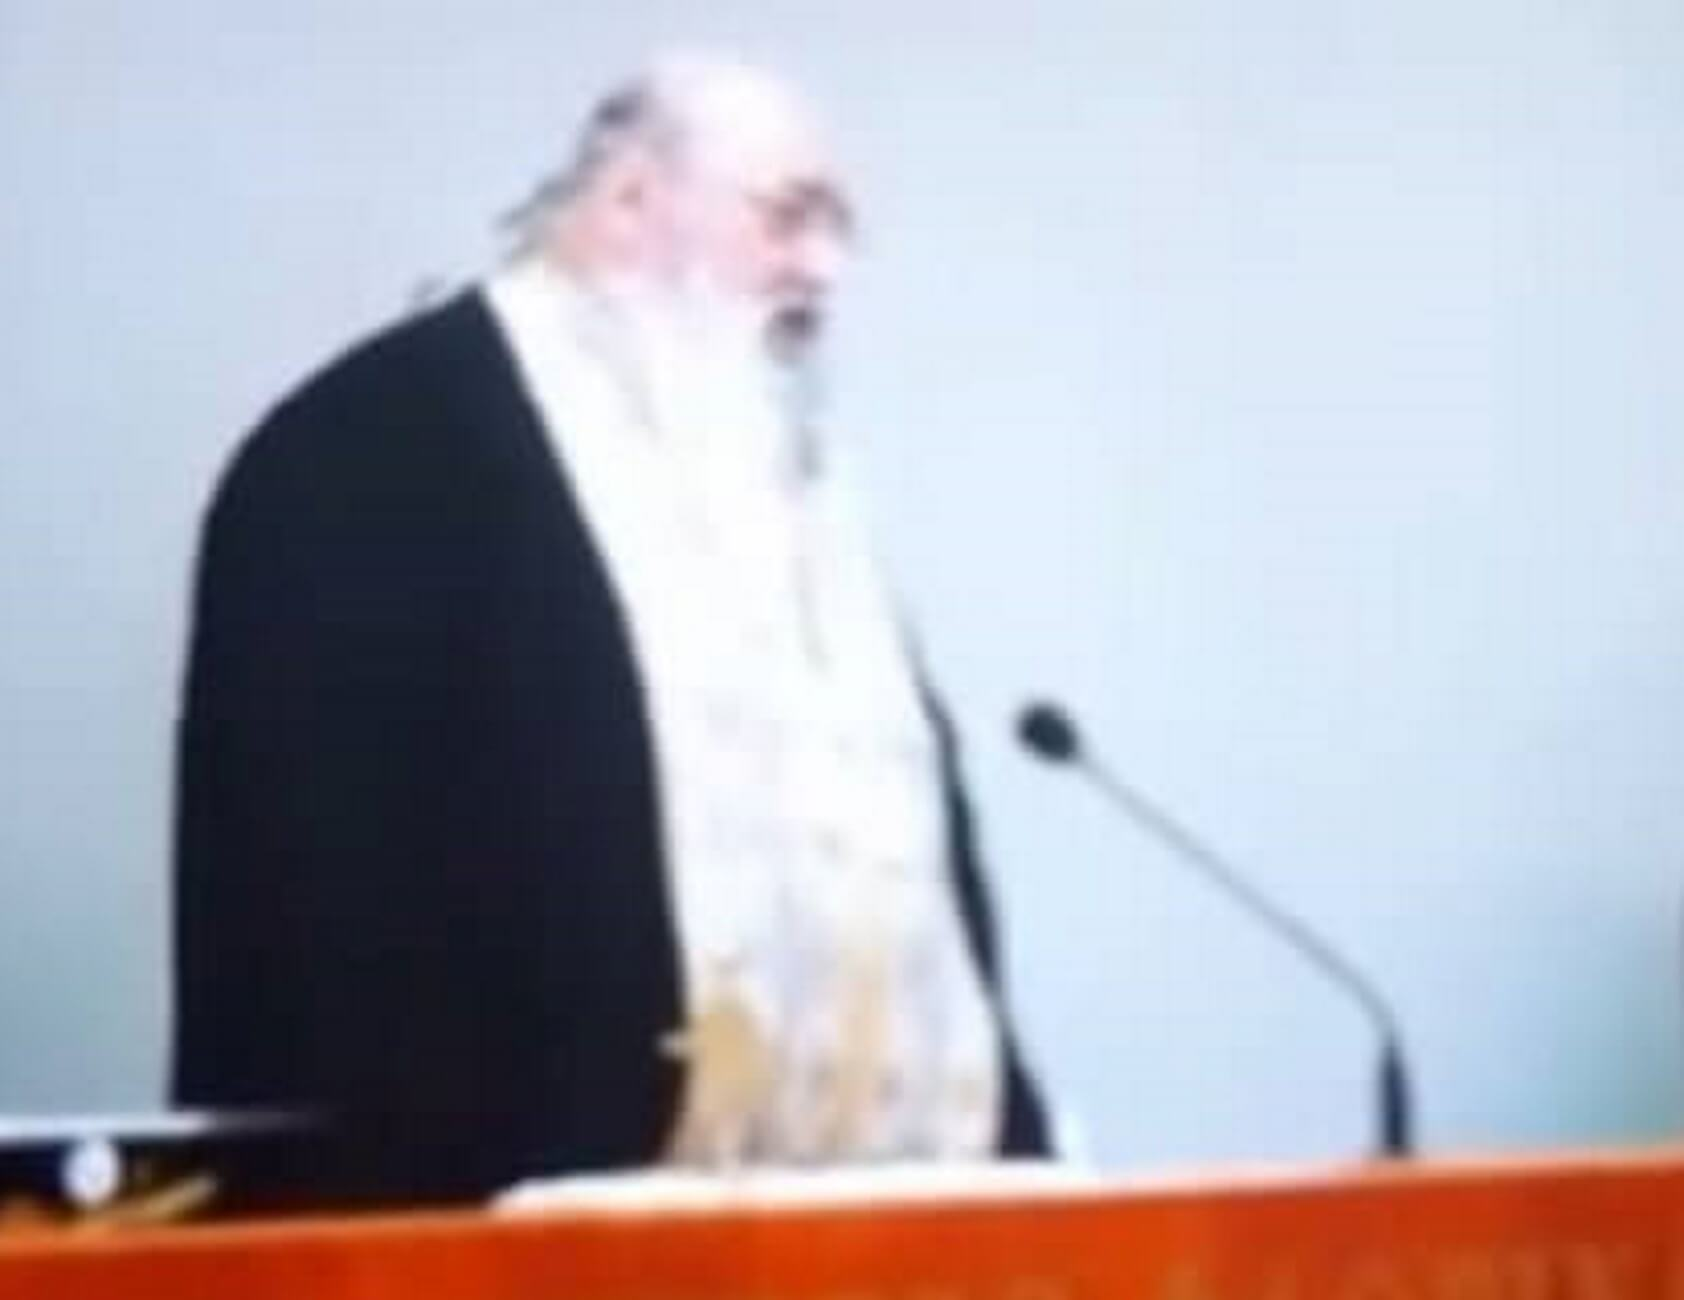 """Φλώρινα: Παίρνει έκταση το επεισόδιο παπά με βουλευτή του ΣΥΡΙΖΑ – """"Βρισκόμαστε σε θρησκευτικό μεσαίωνα"""" – video"""